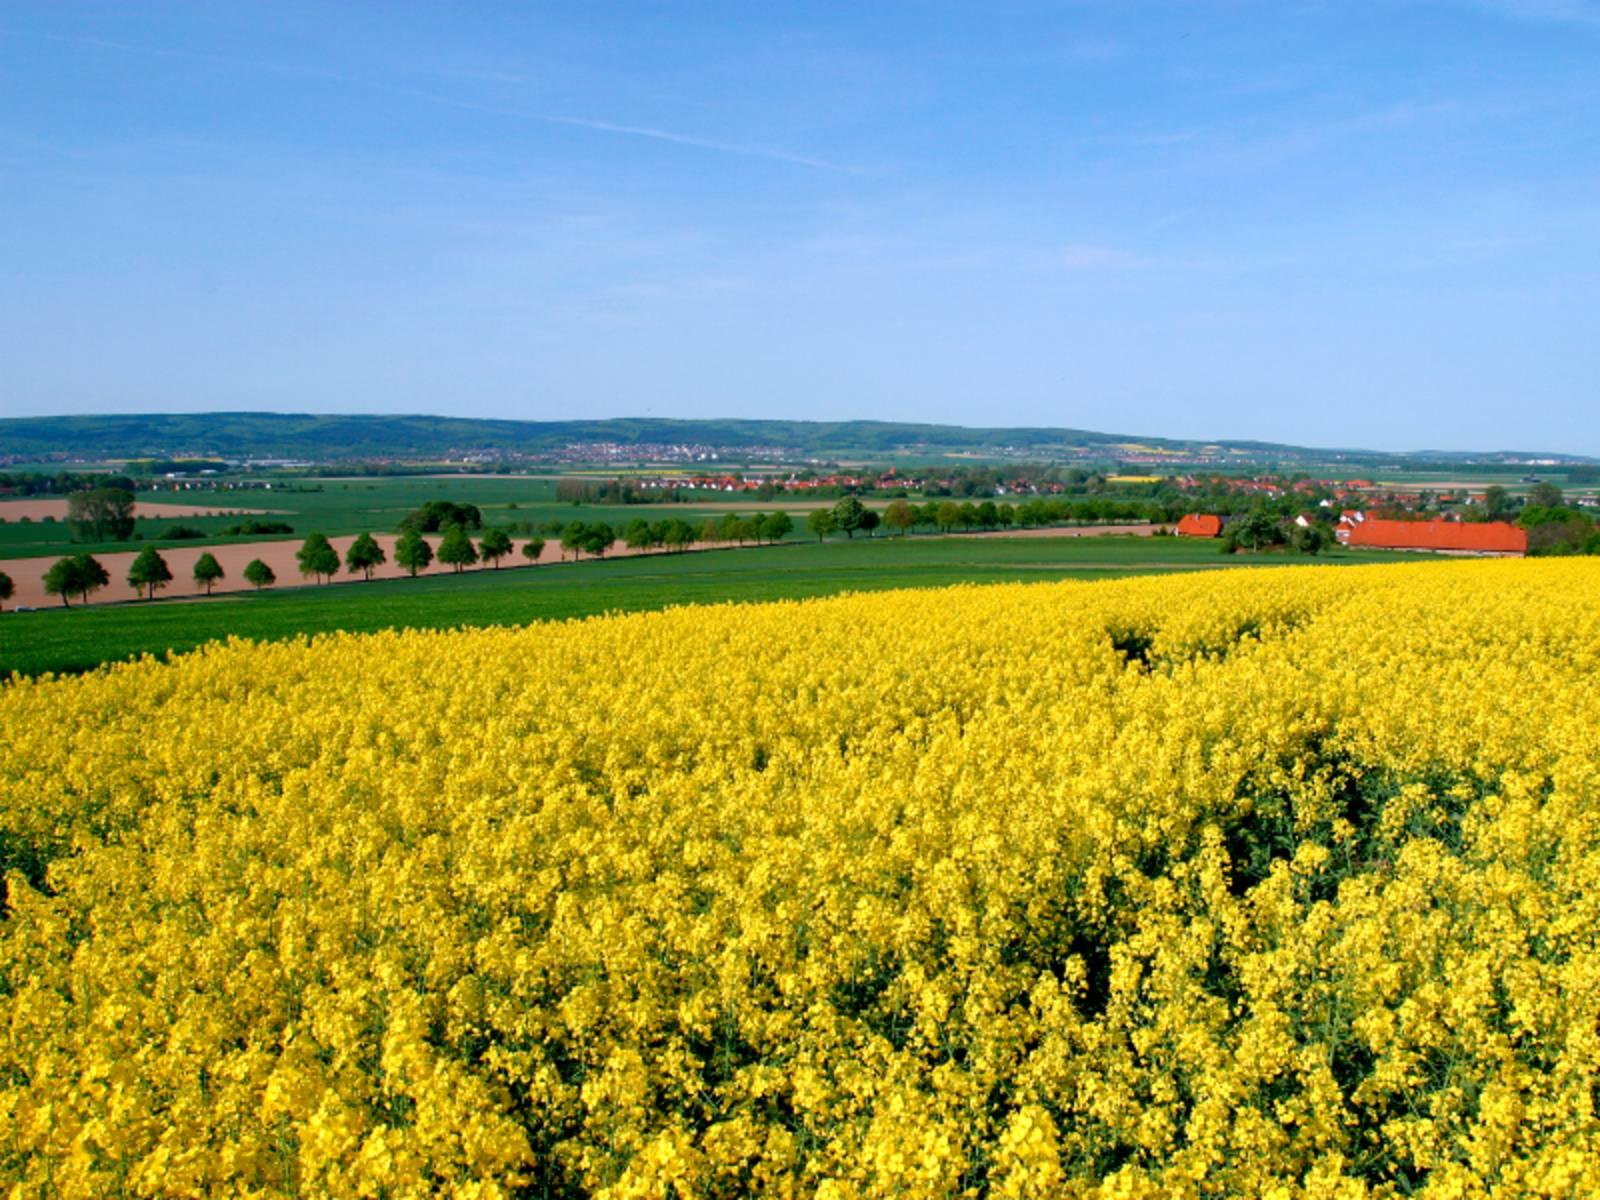 Im Vordergrund ist ein gelb blühendes Rapsfeld, im Hintergrund ist hügelige Landschaft des Calenberger Landes zu sehen.